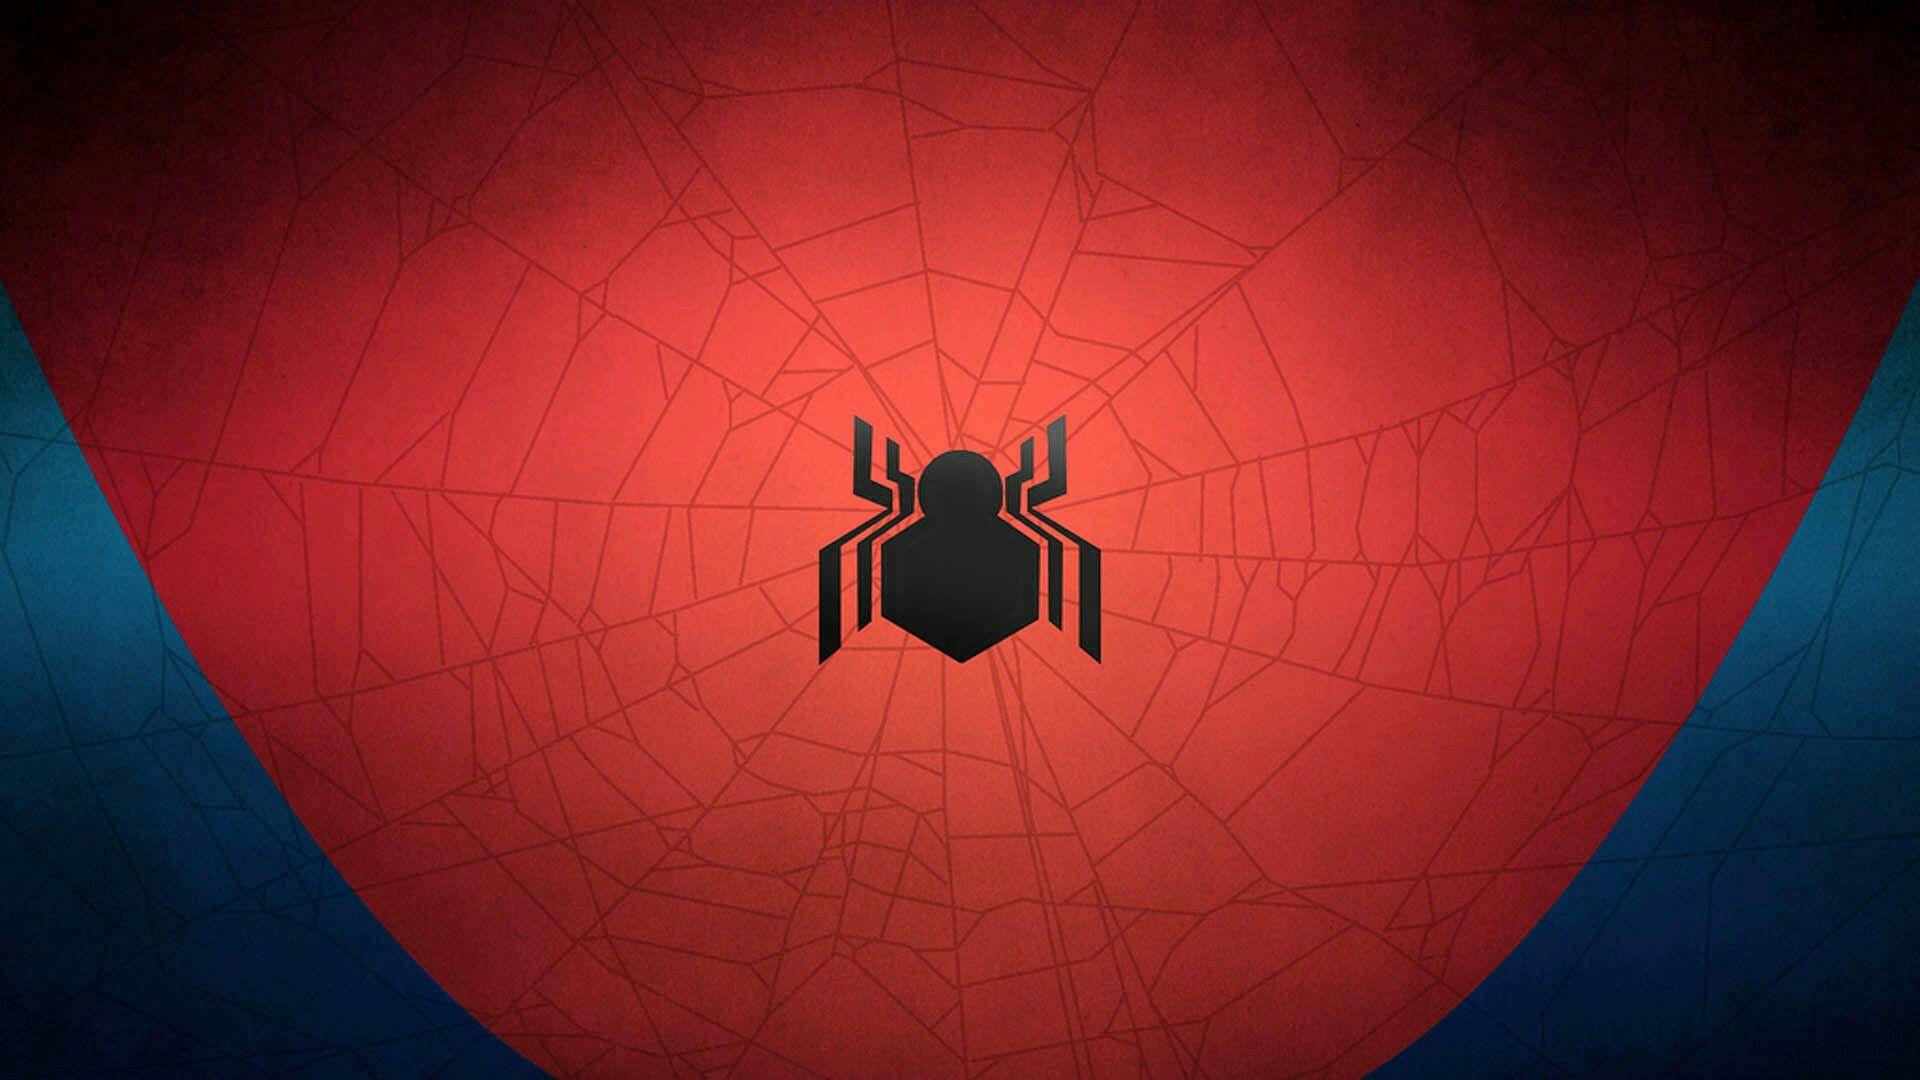 Spiderman Homecoming Wallper Marvel Wallpaper Spiderman